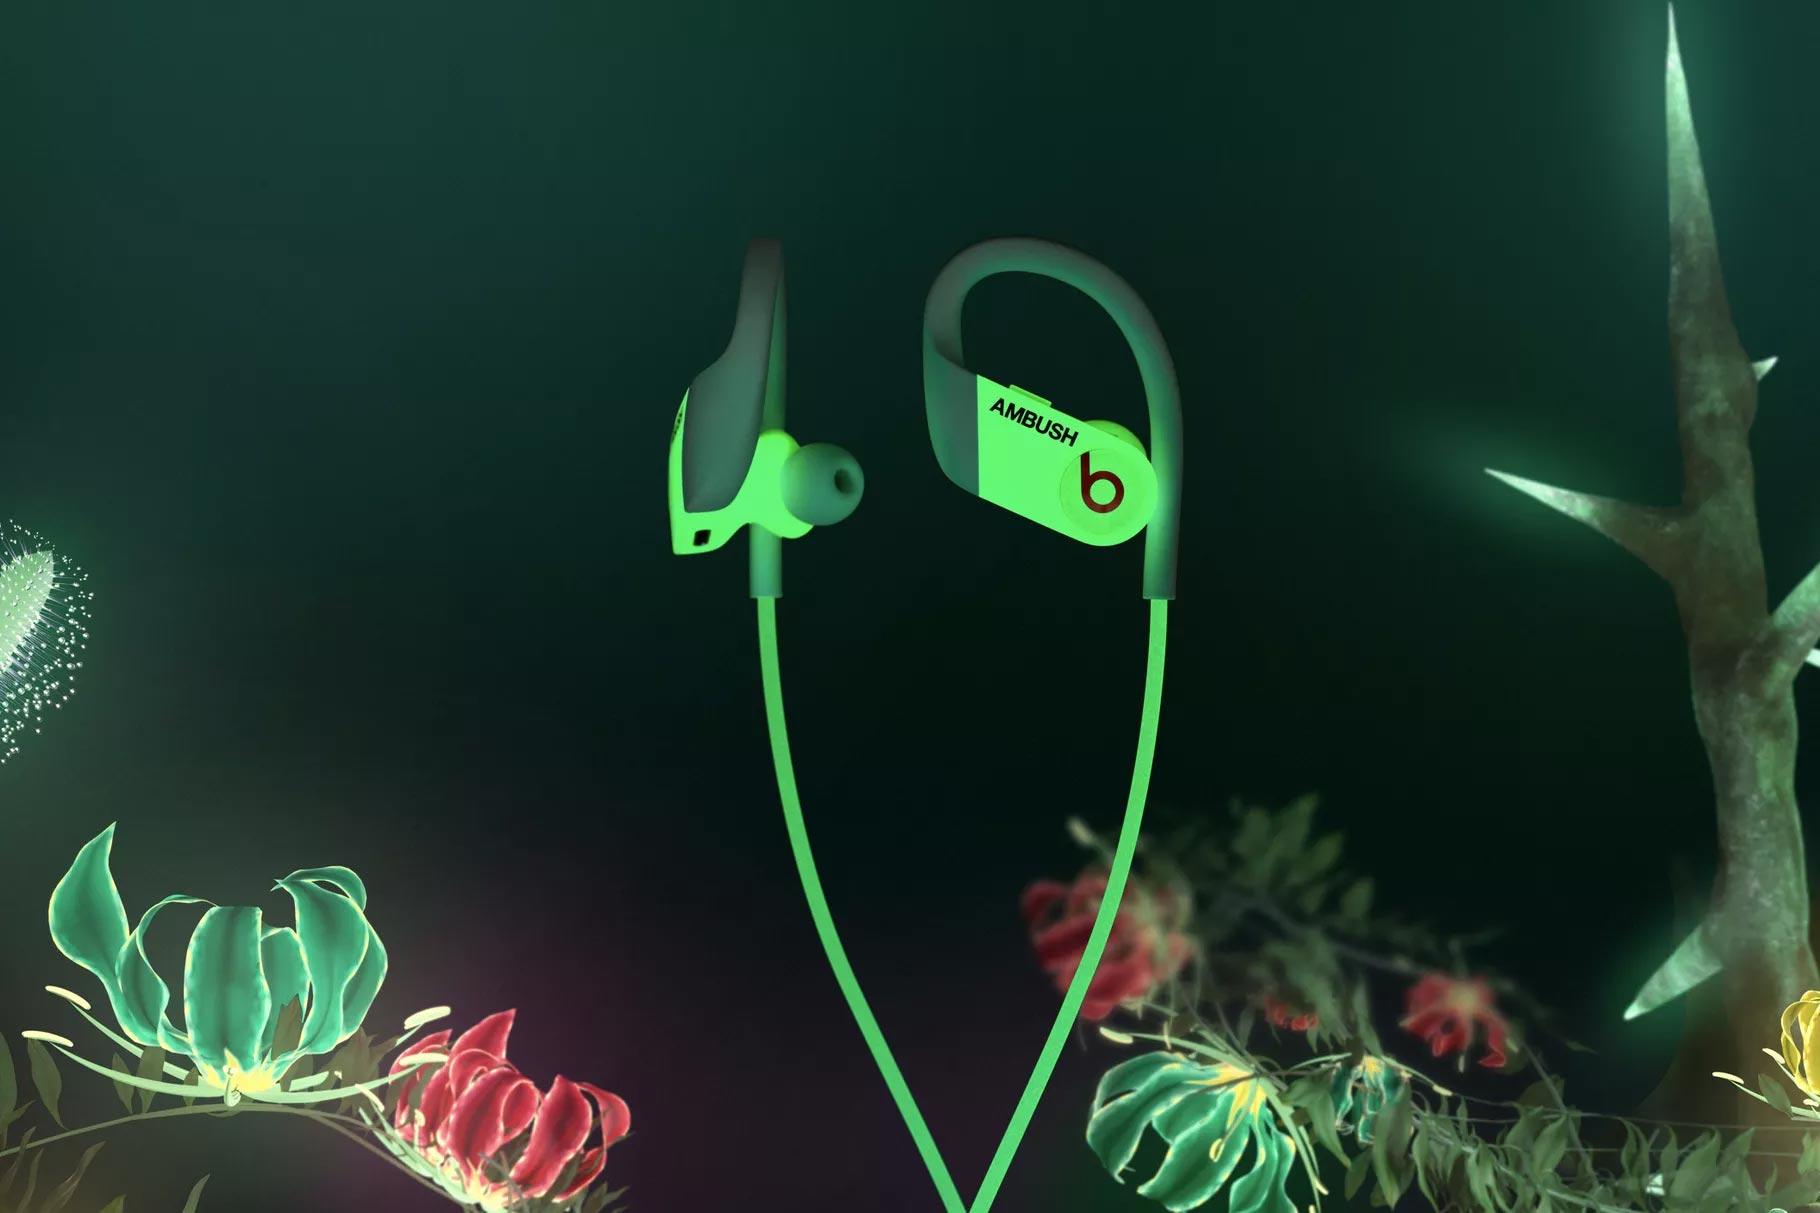 Beats släpper självlysande lurar I samarbete med Ambush